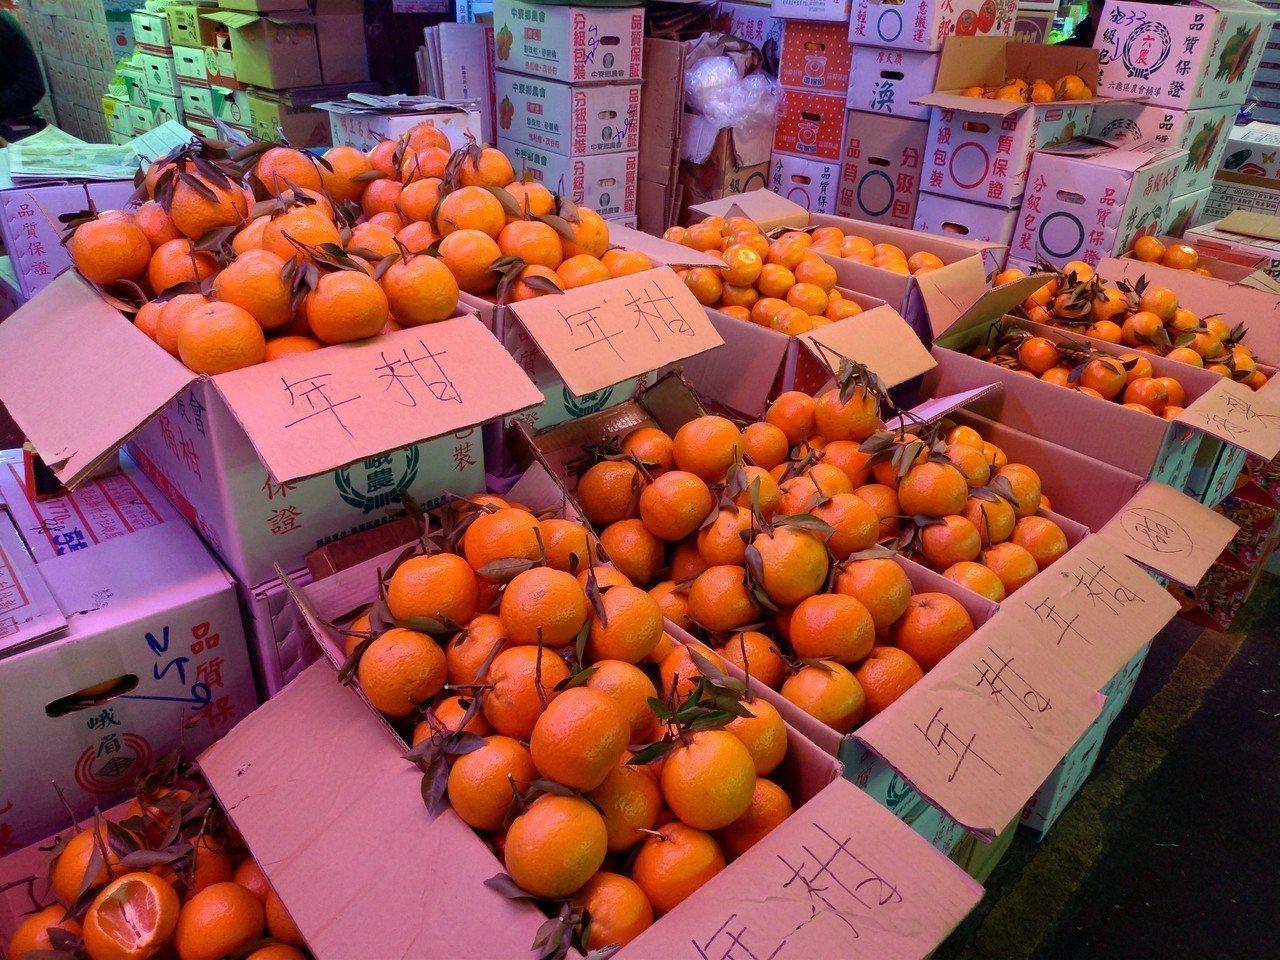 柑橘為春節大宗水果,價格因盛產持穩。 記者莊琇閔/攝影